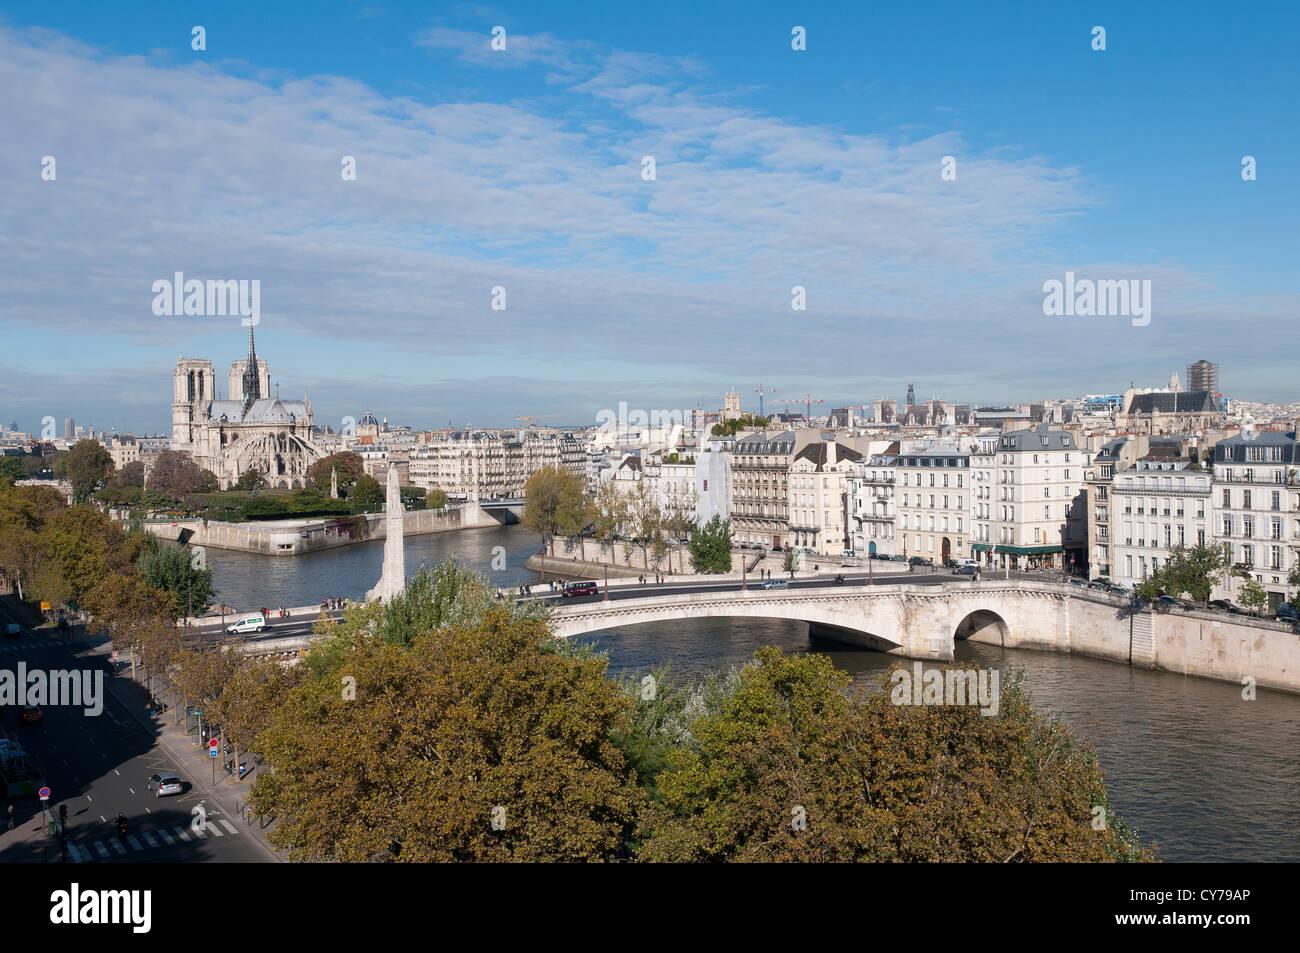 Cathedrale Notre Dame de Paris et les iles Saint Louis et de la Cité Cathedral Notre Dame - Stock Image